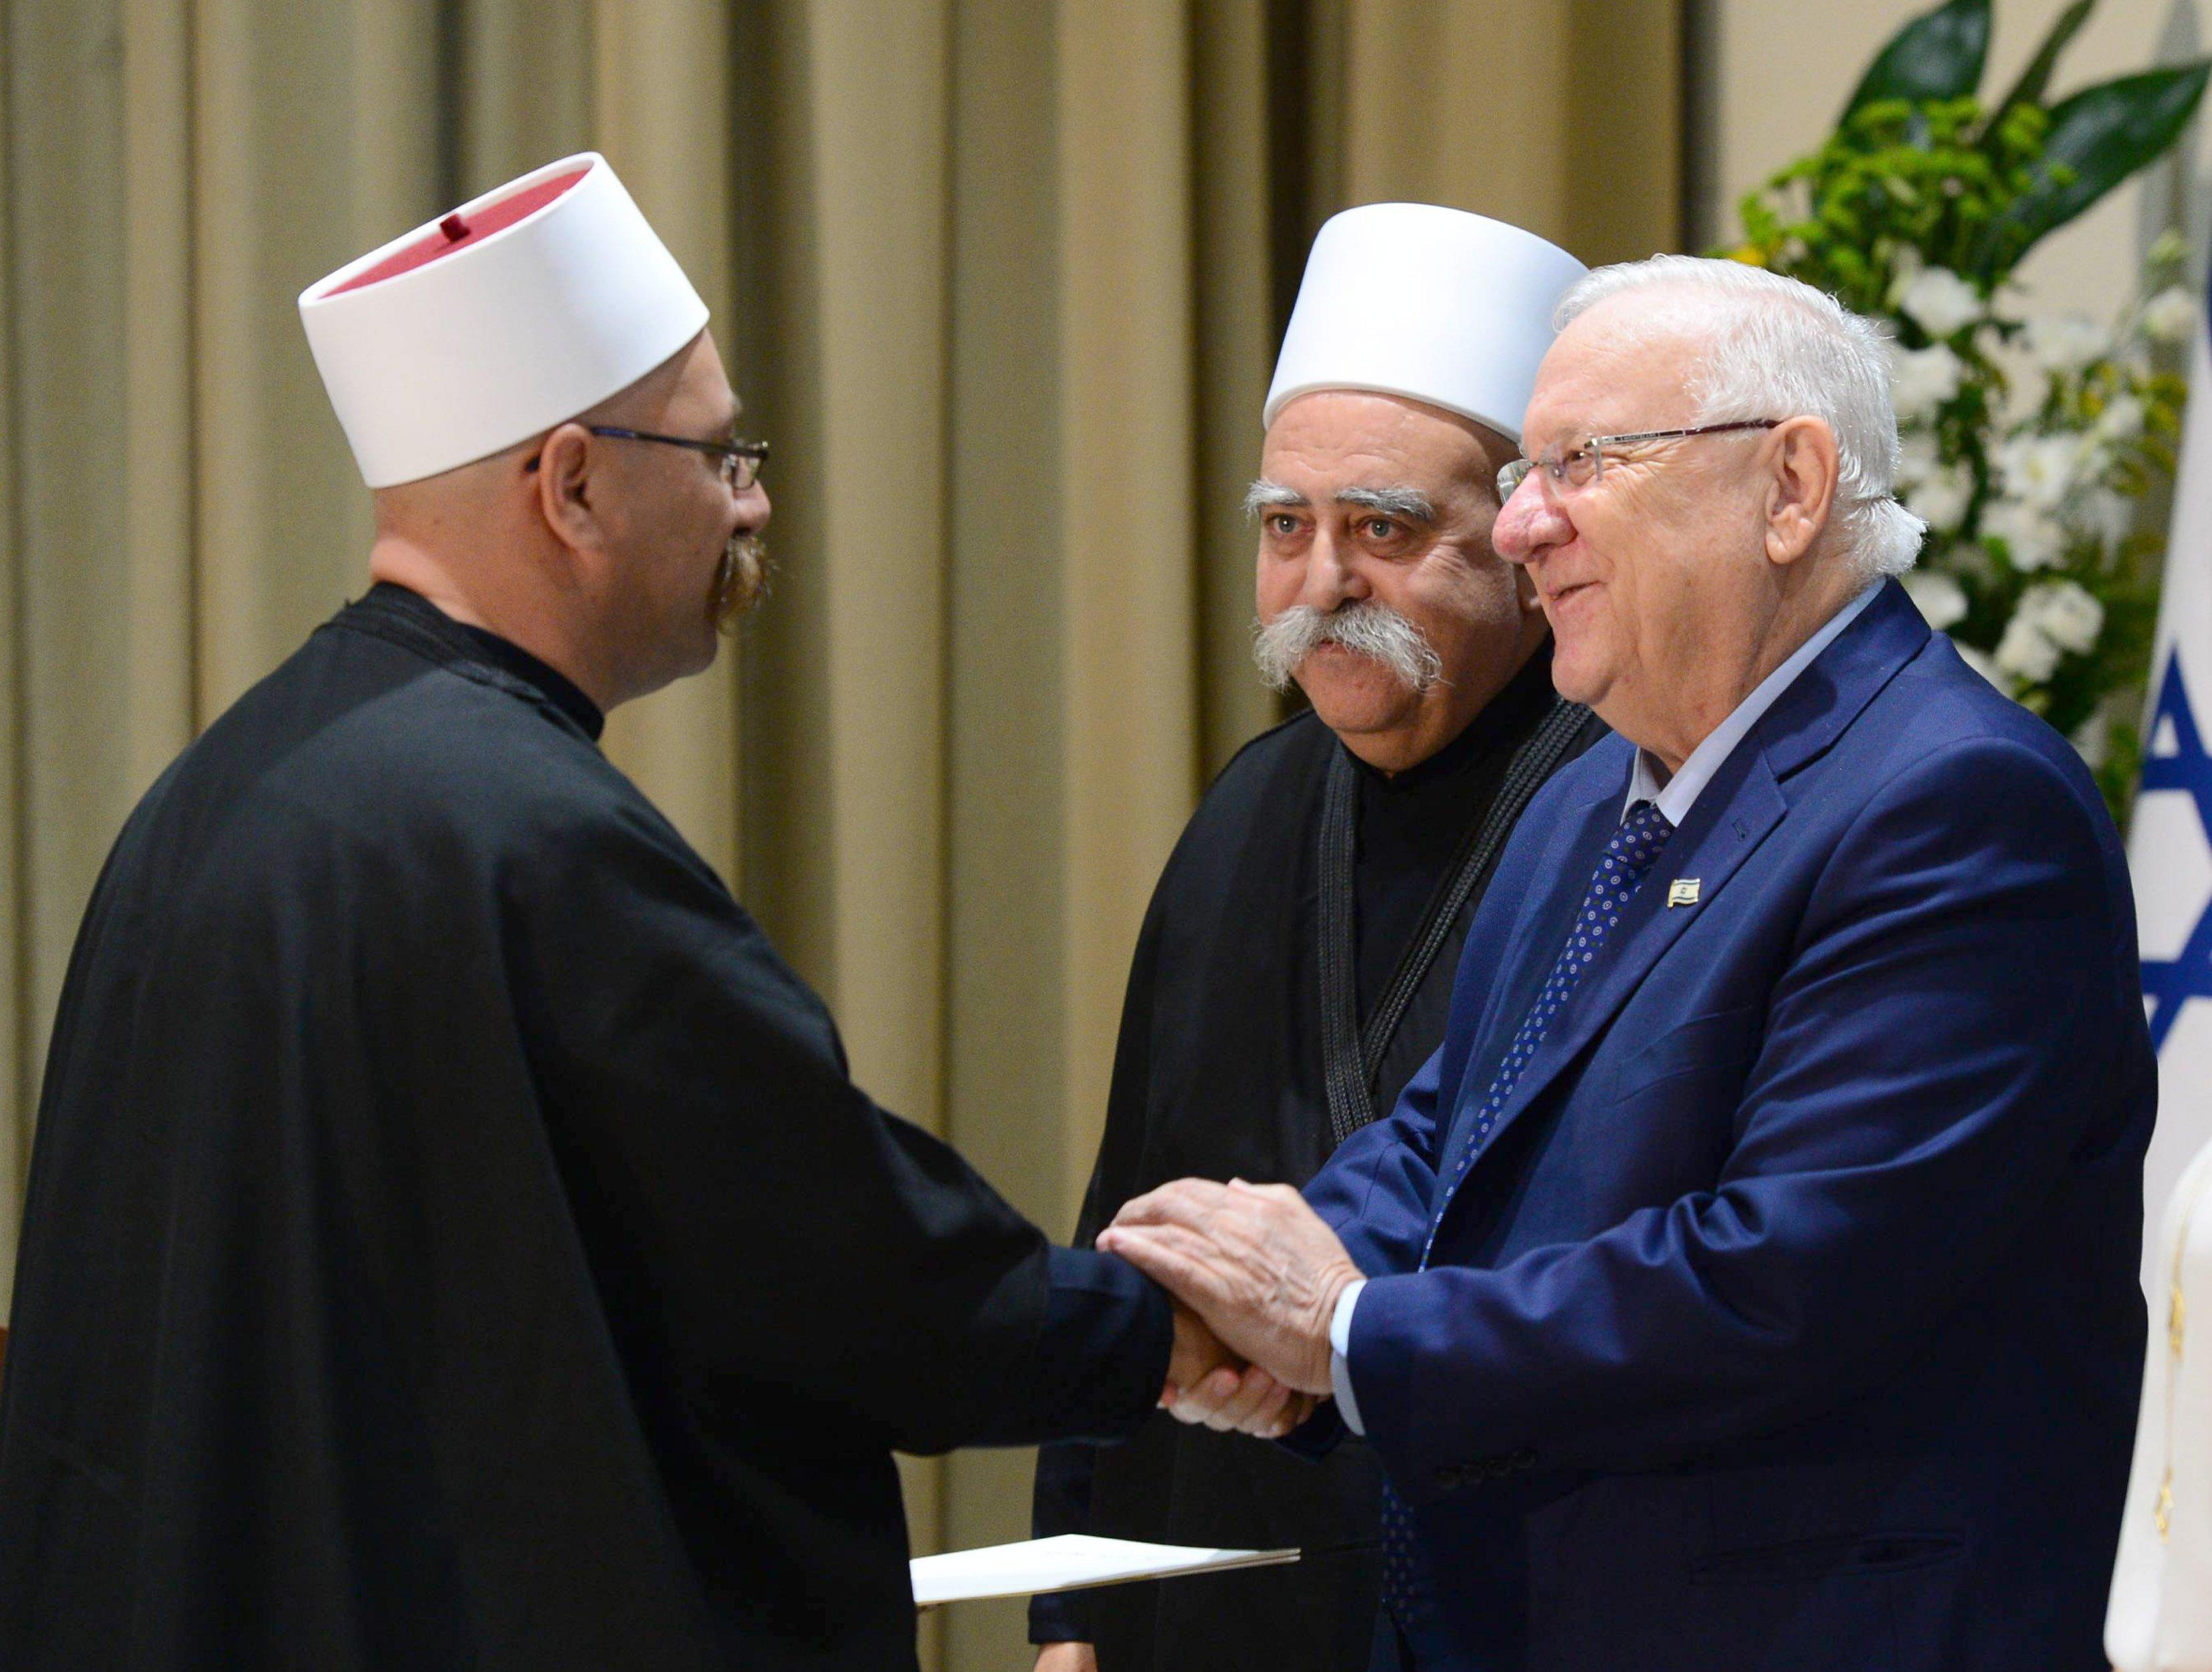 ريفلين يتحدث اليوم خلال احتفال تعيين قضاة المذهب للمحاكم الدينية الدرزية